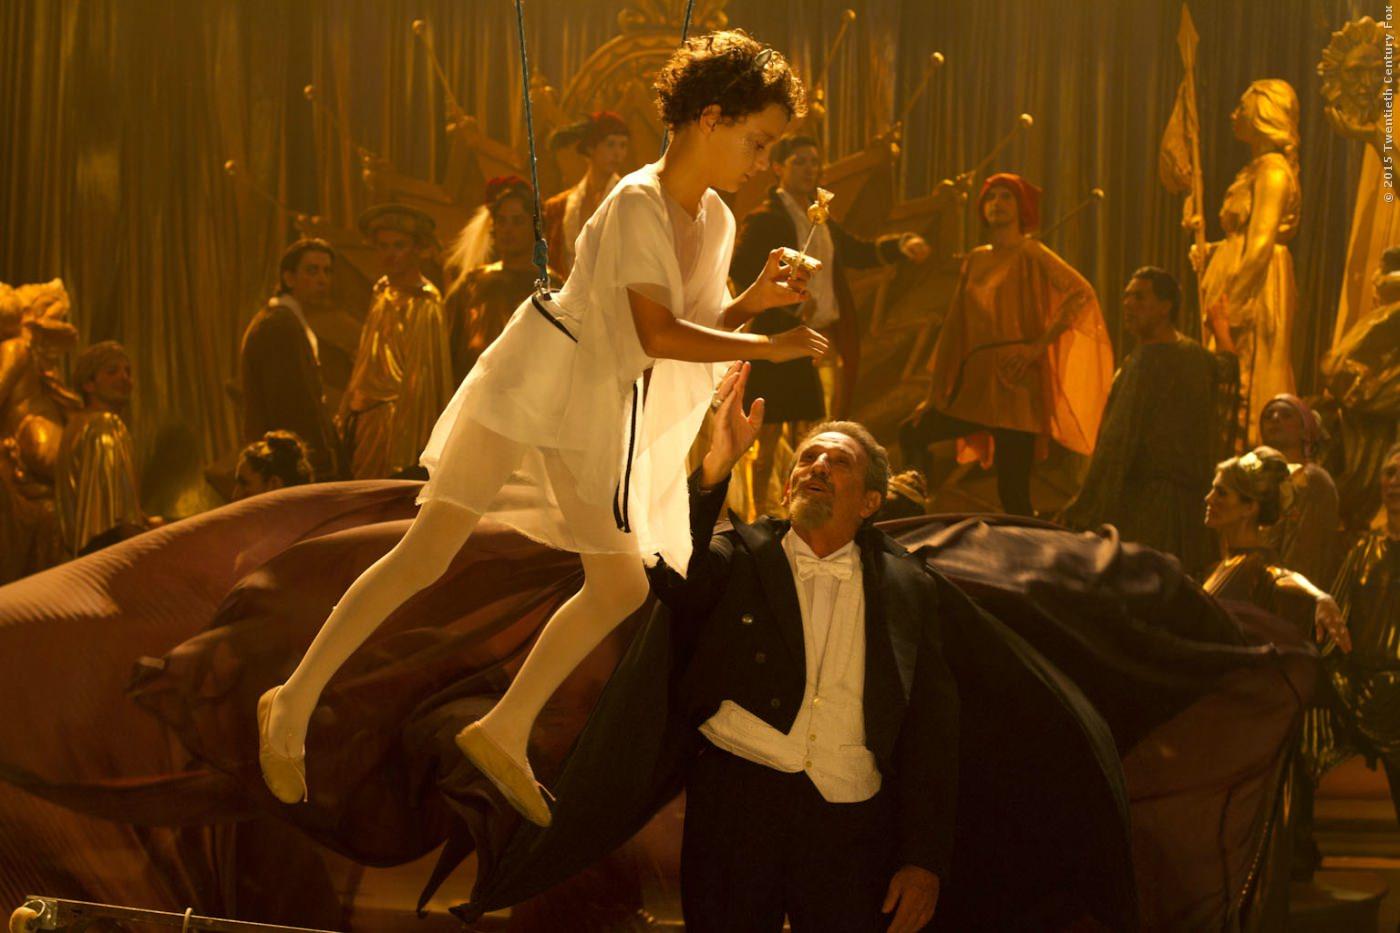 Amapola: fantasievolle Szenen wie diese gibt es viele im Film.